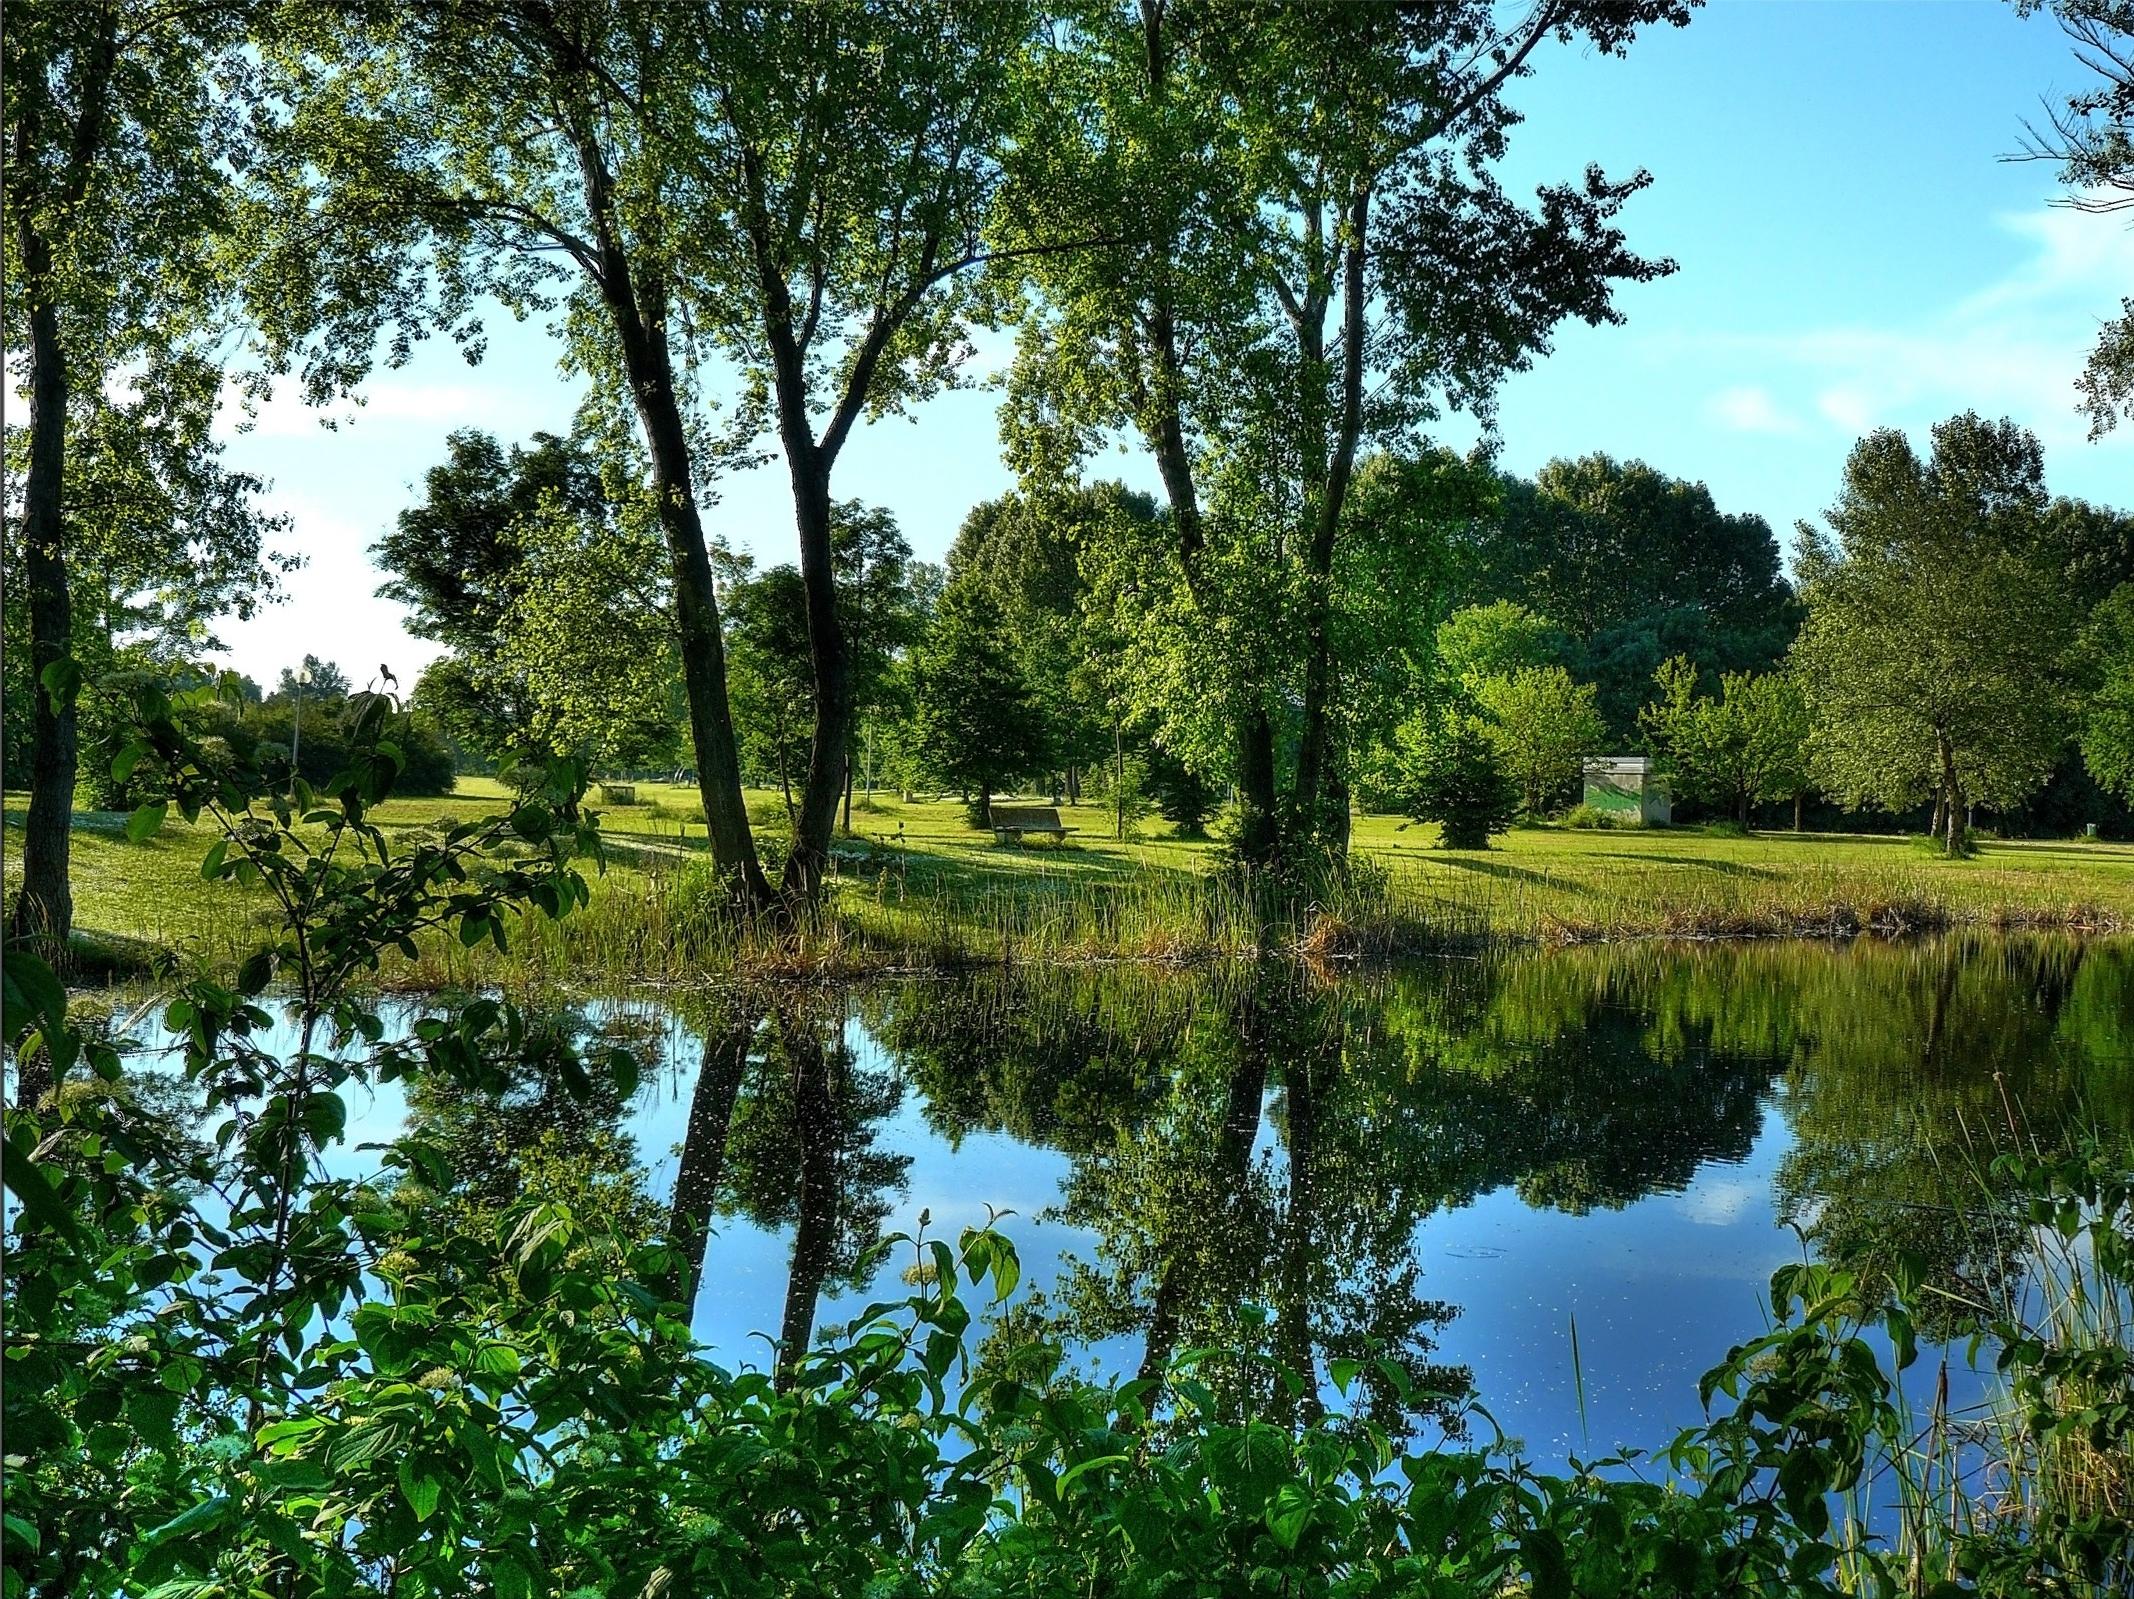 63568 завантажити шпалери Пейзаж, Природа, Річка, Дерева, Кущі - заставки і картинки безкоштовно